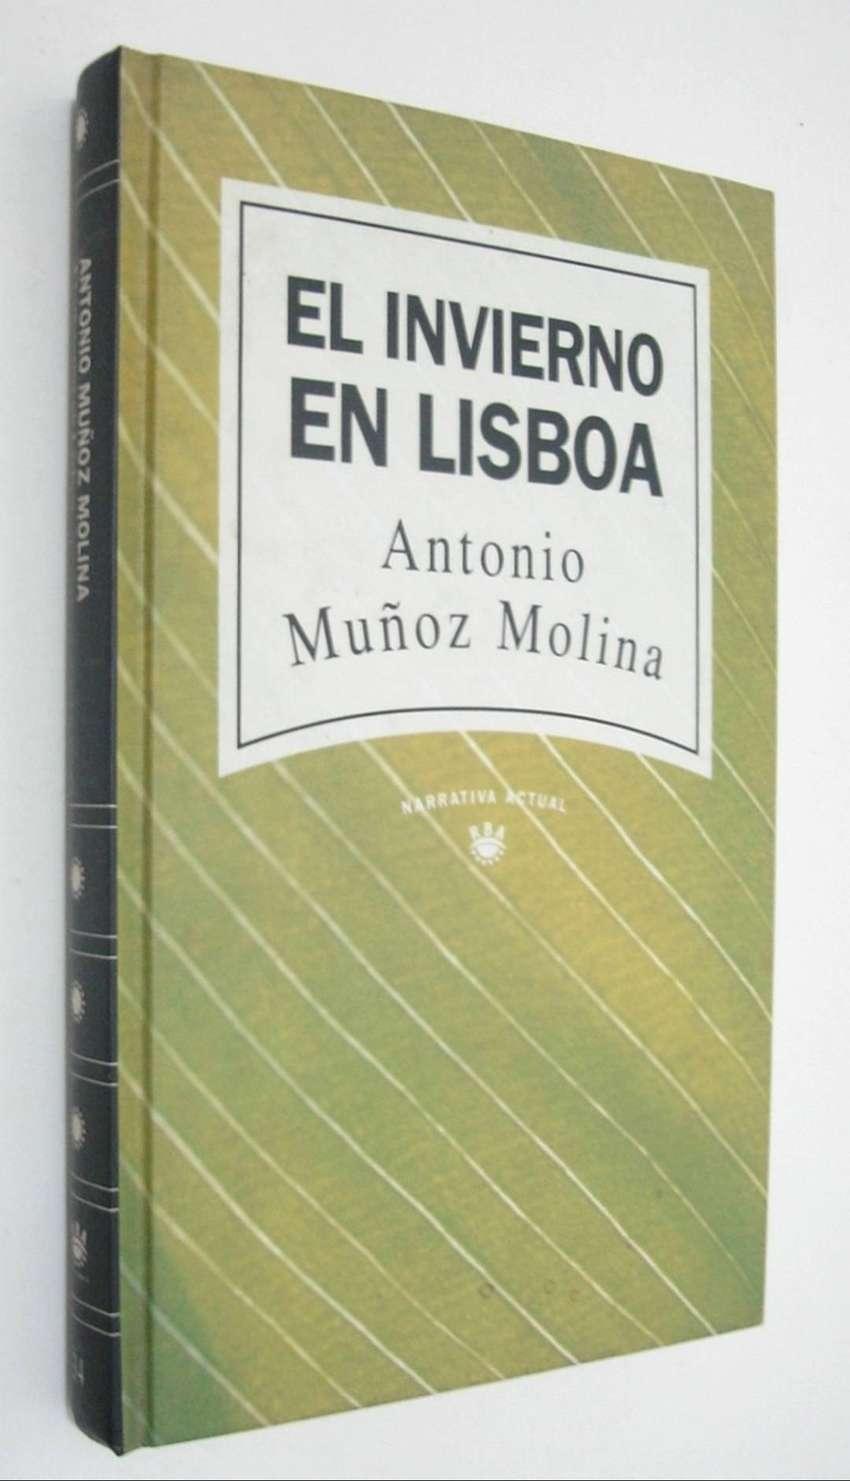 El Invierno En Lisboa Antonio Muñoz Molina 0